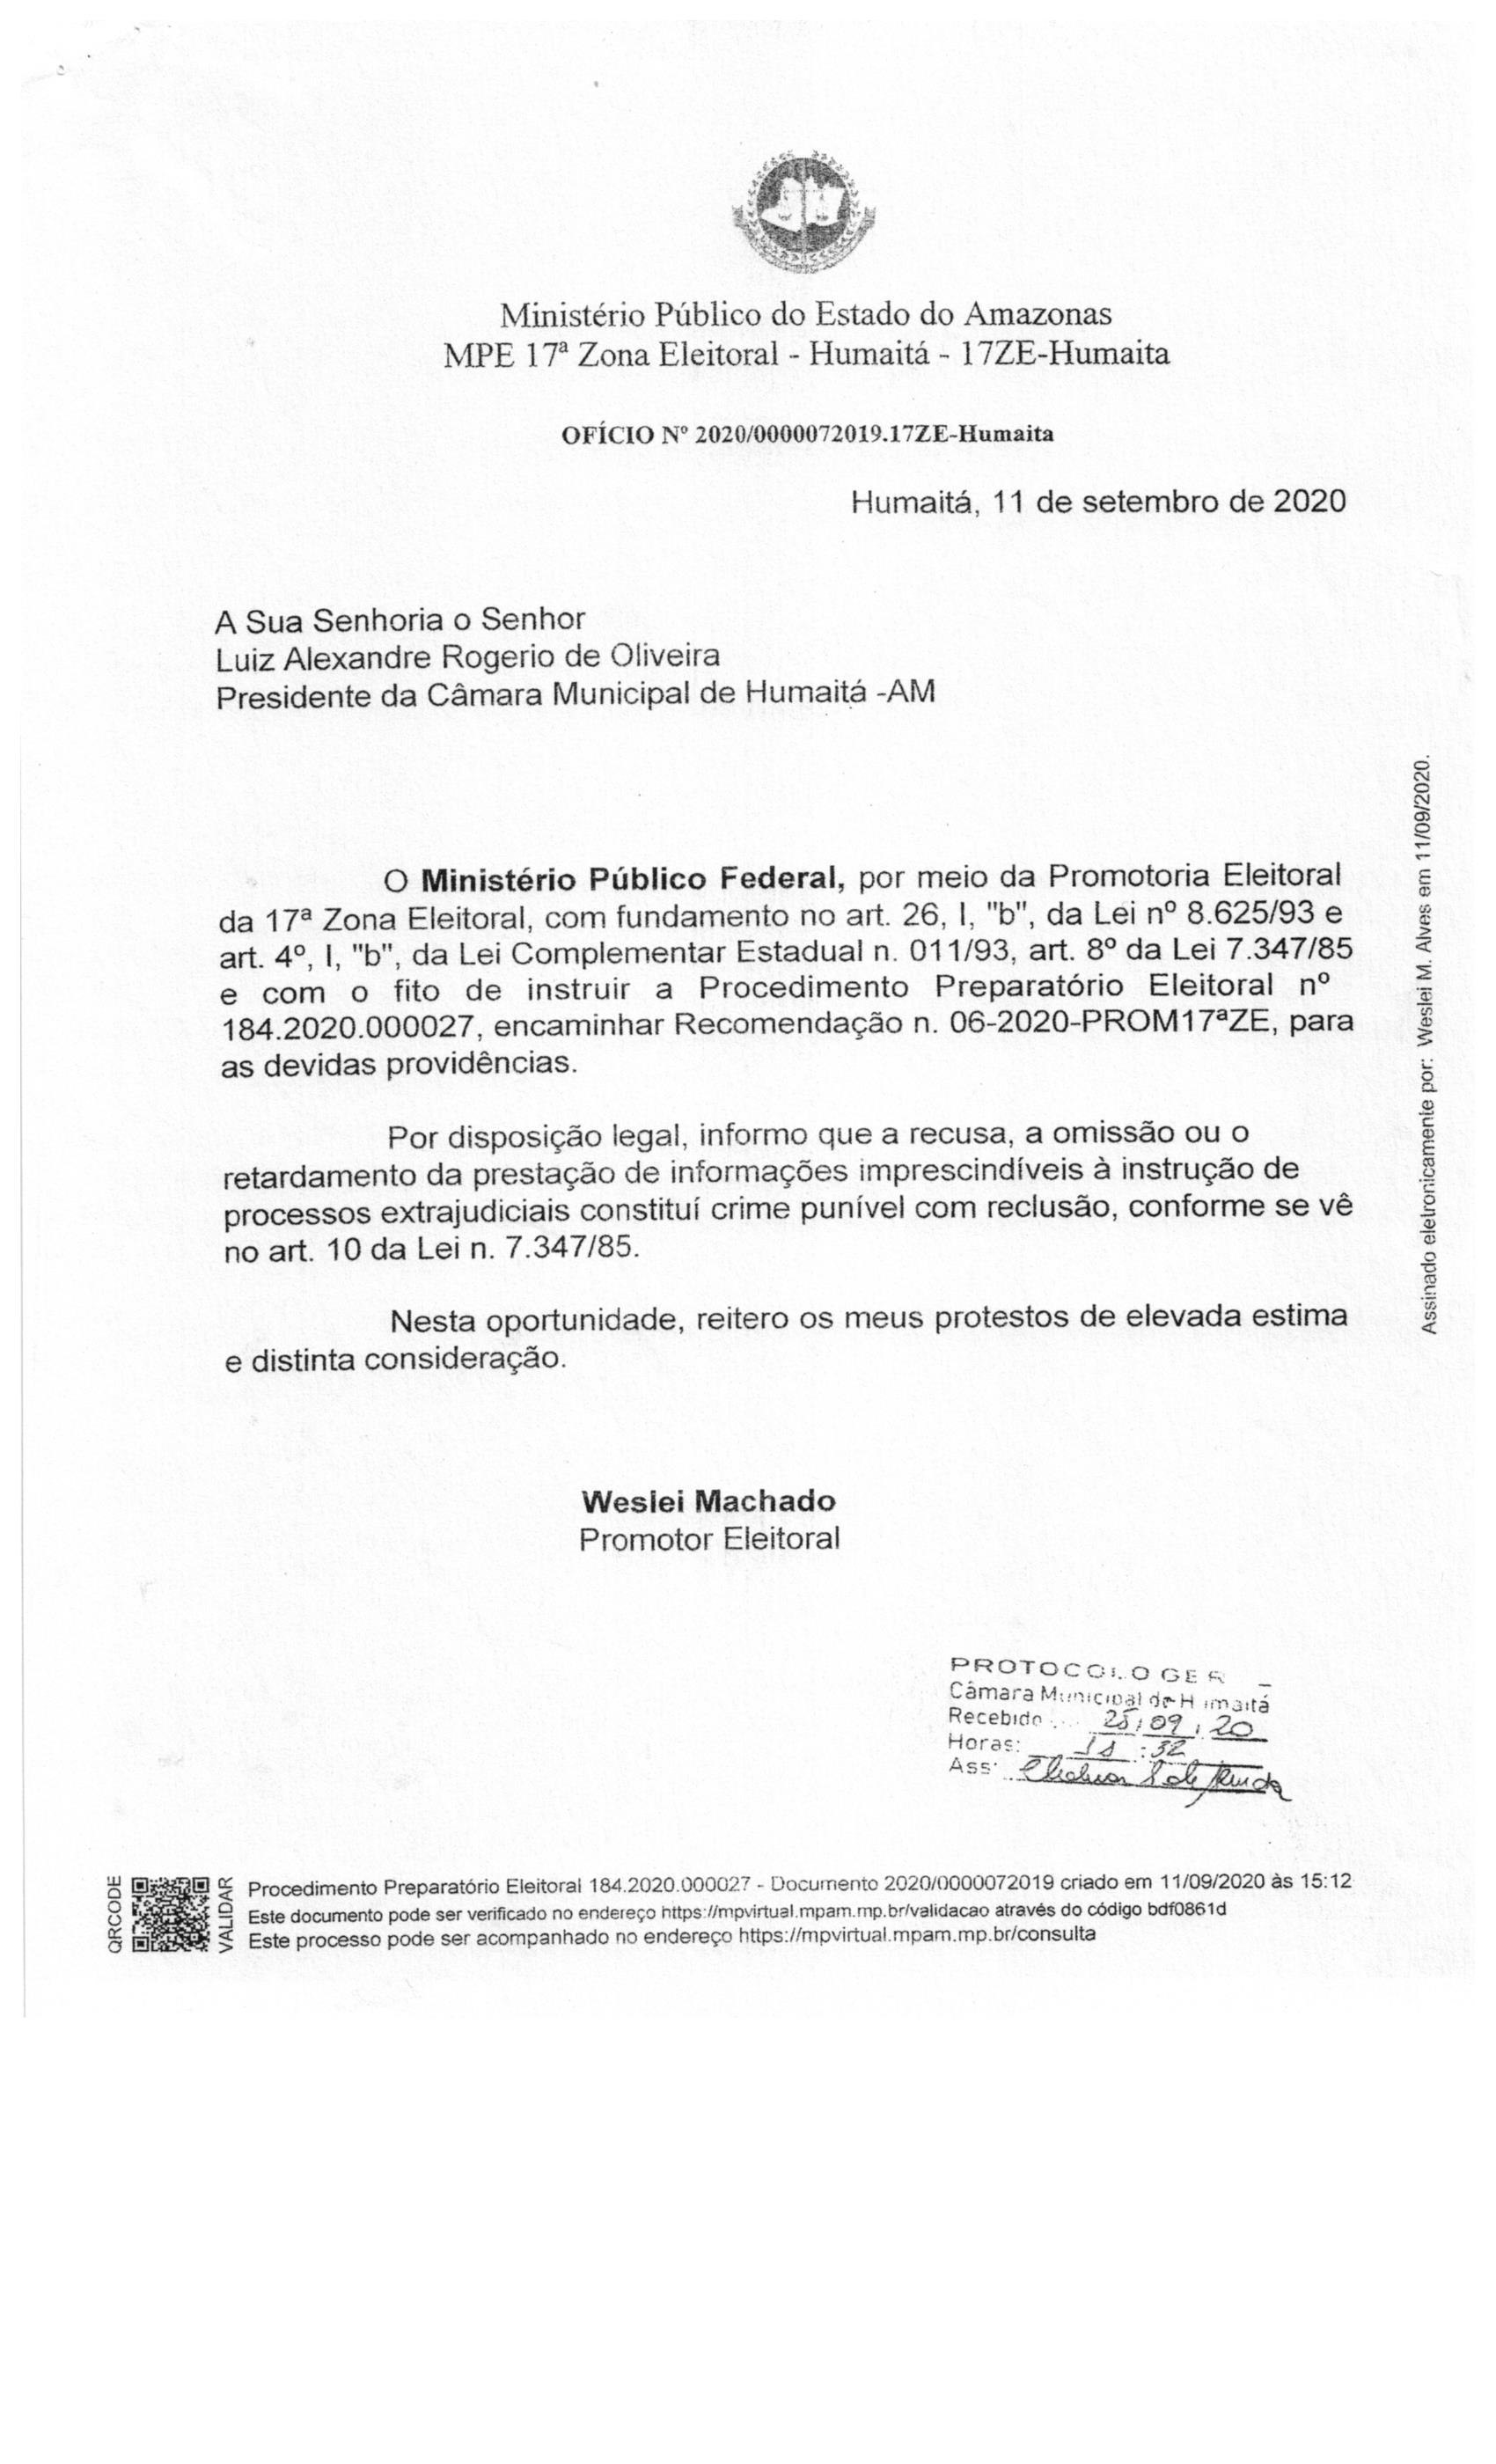 MINISTERIO PÚBLICO ENCAMINHA RECOMENDAÇÕES ELEITORAIS